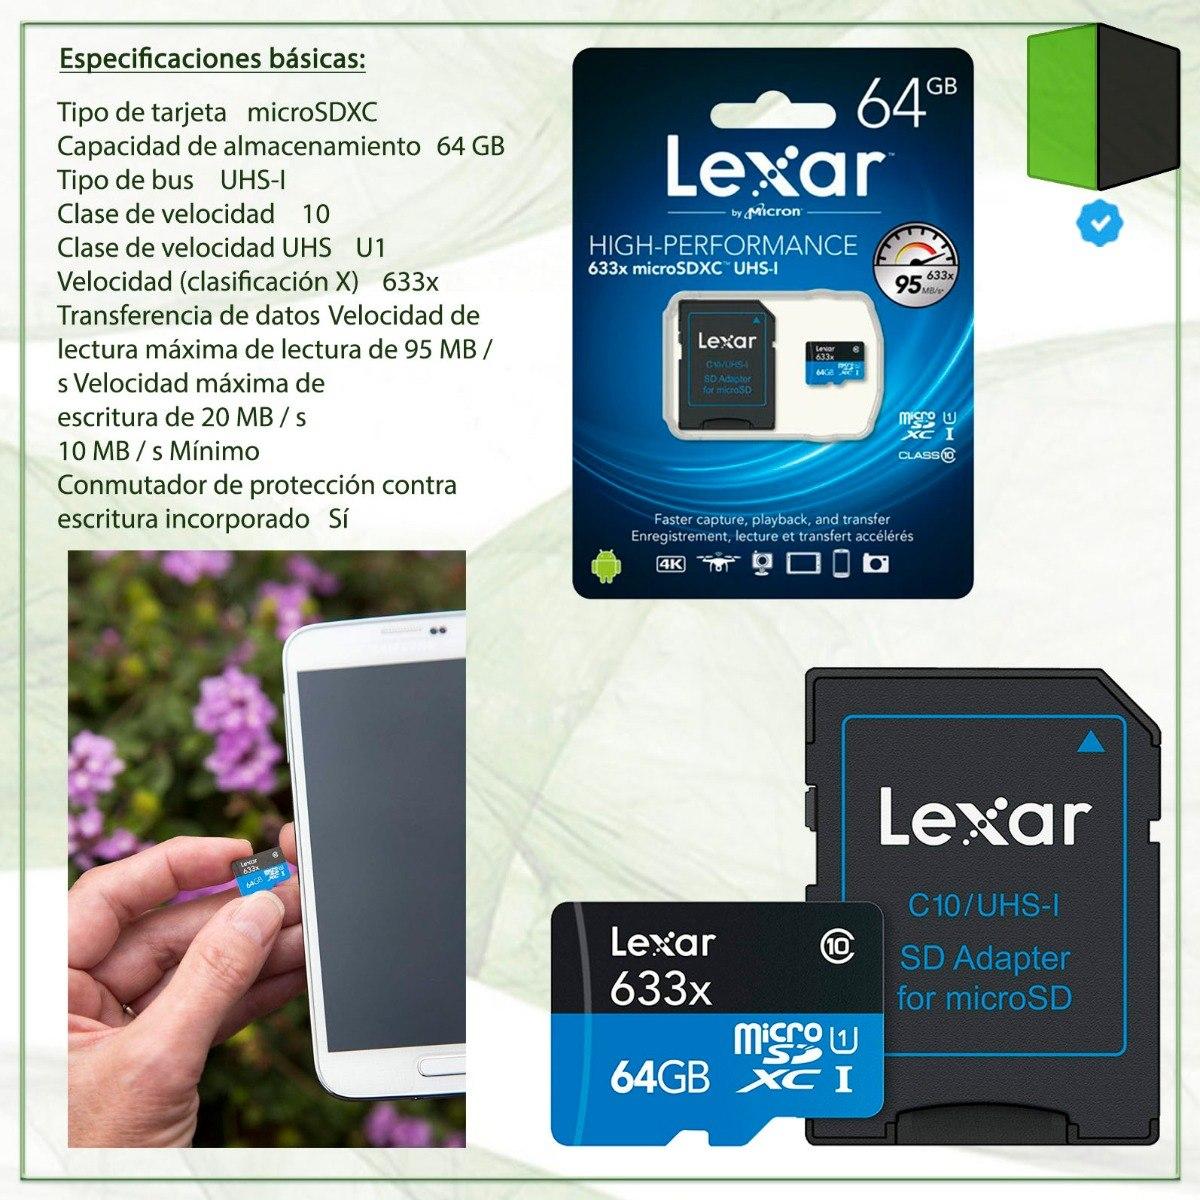 Lexar 32GB de alto rendimiento 633x microSDHC UHS-I 95MB//s Con Adaptador Clase 10